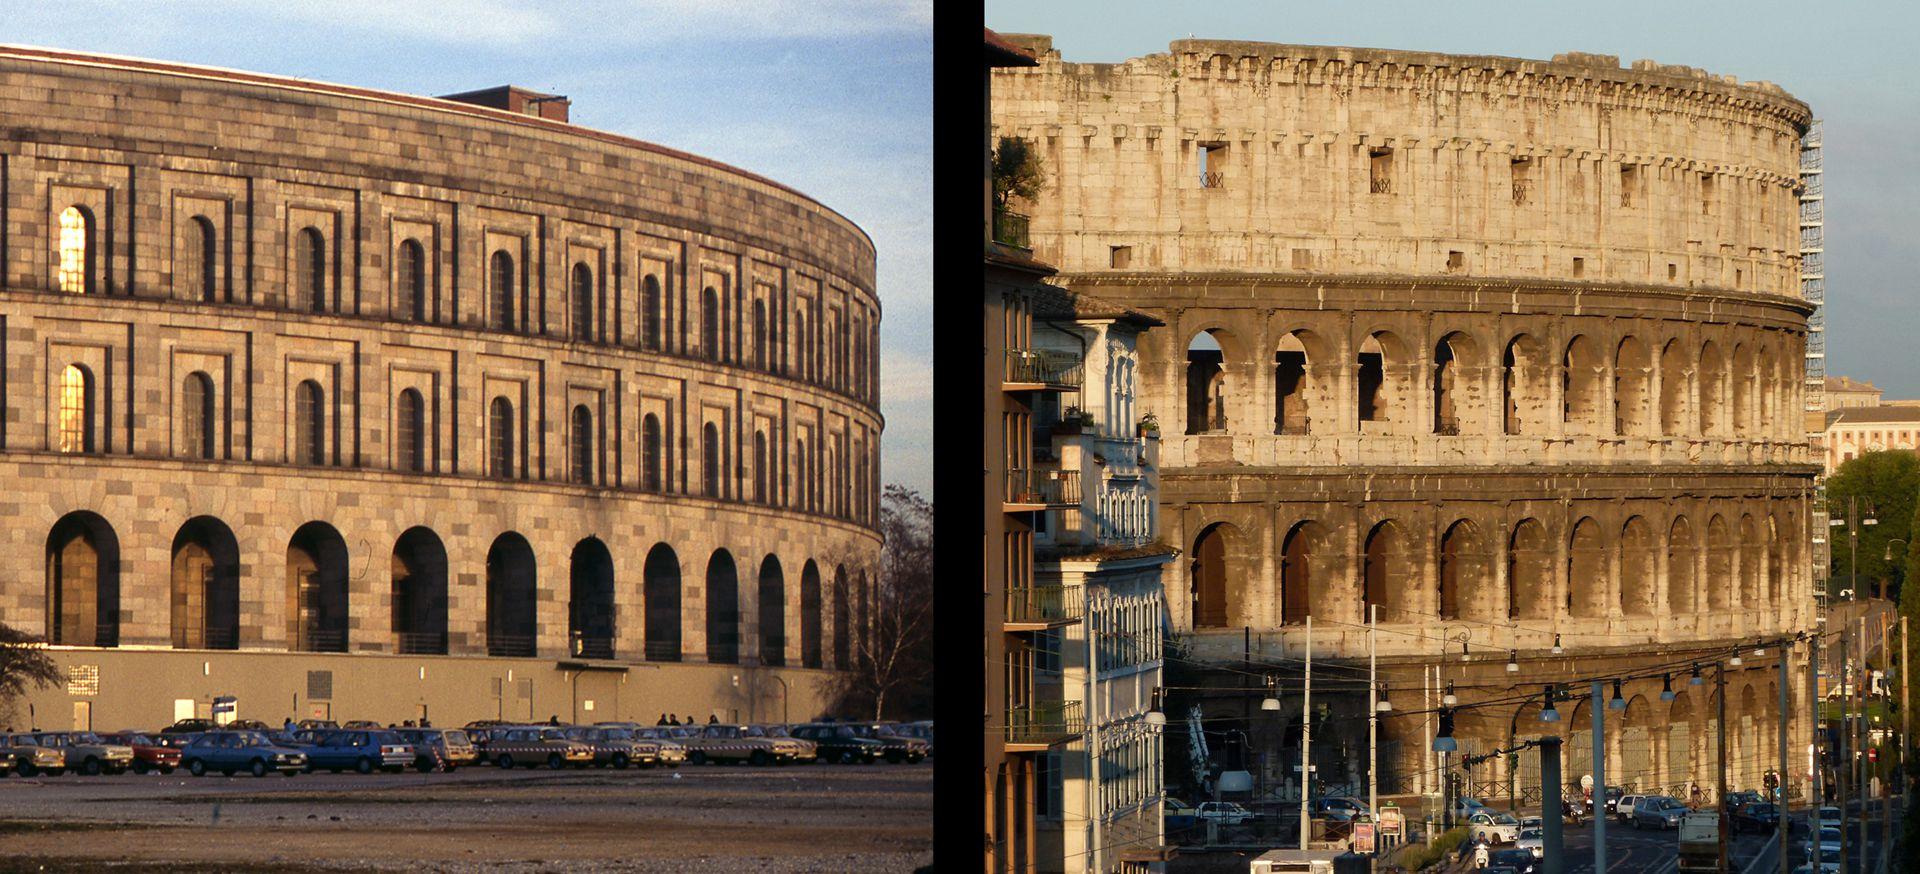 Kongresshalle und Kolosseum im Vergleich Kongresshalle und Coloseum im Vergleich